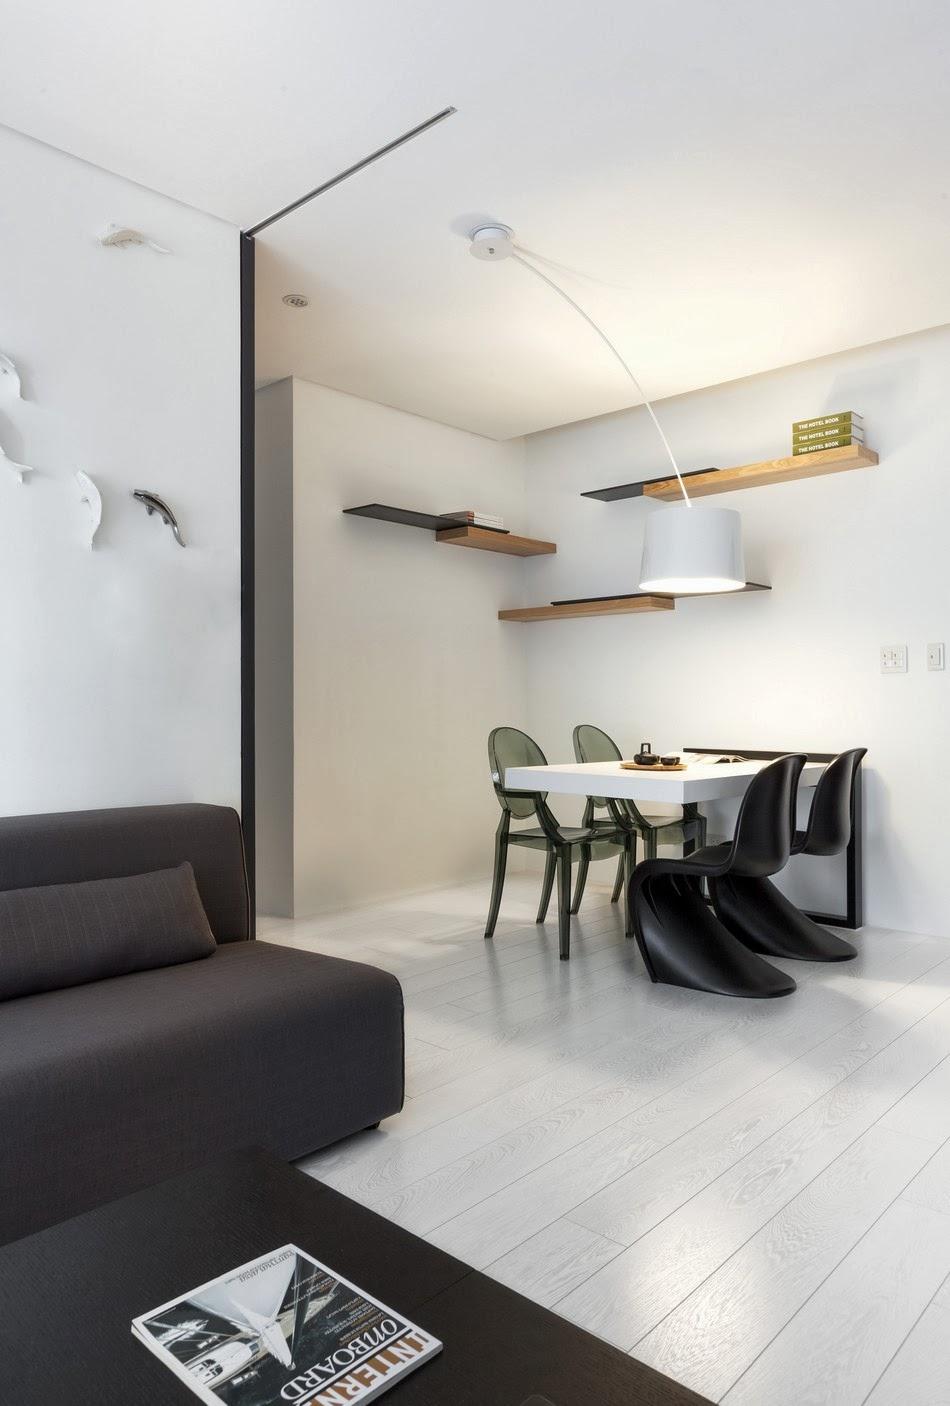 amenajari, interioare, decoratiuni, decor, design interior, minimalist, apartament, living, sufragerie